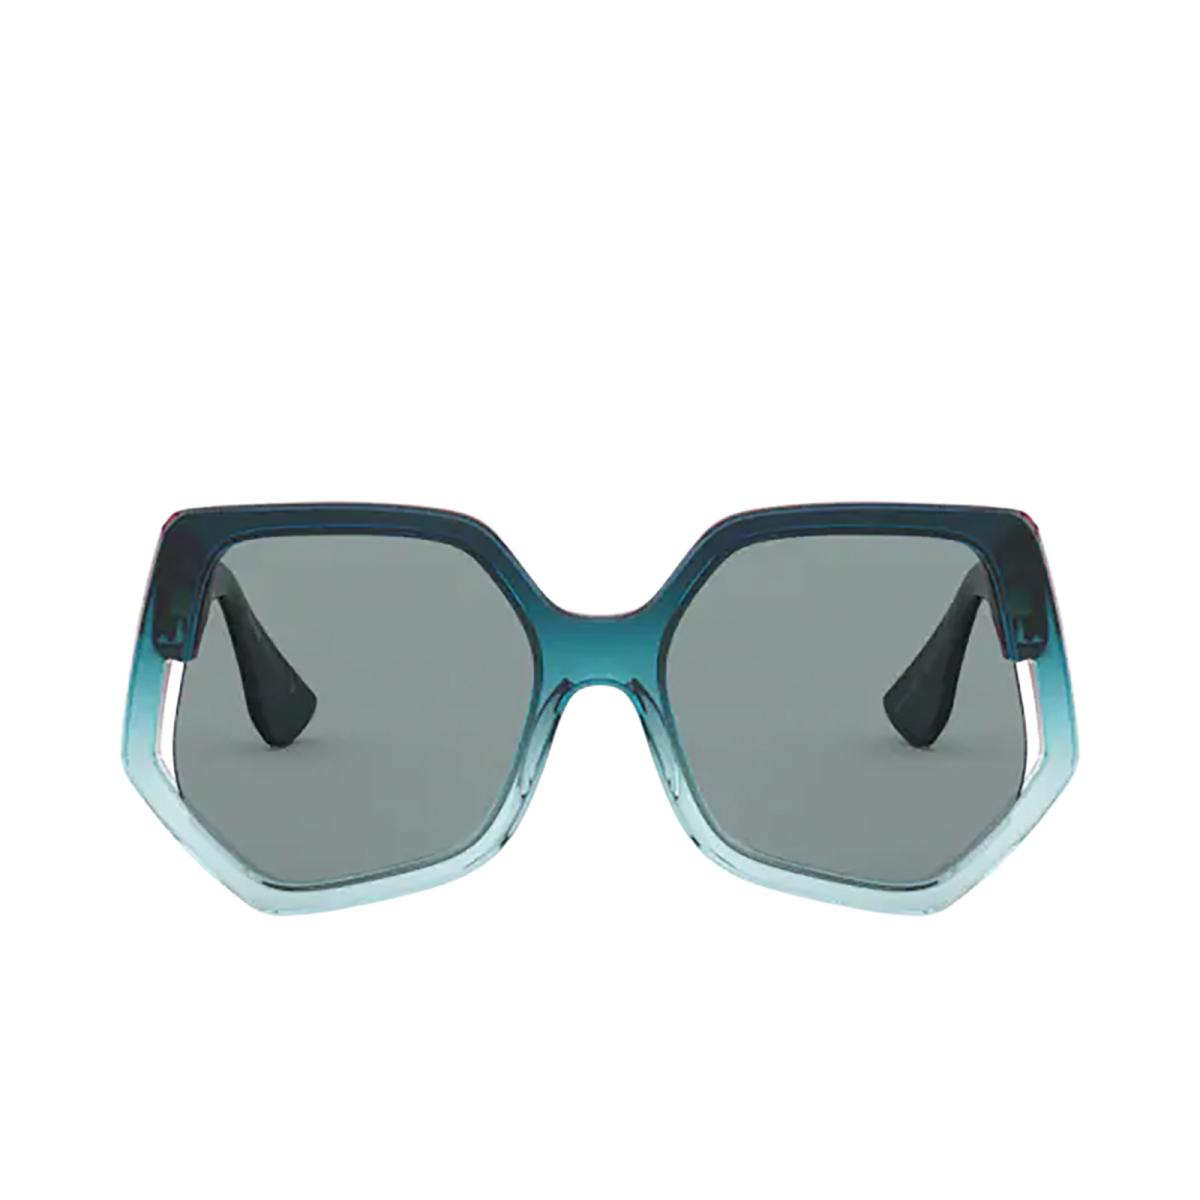 Miu Miu® Irregular Sunglasses: Special Project MU 07VS color Bordeaux Gradient Blue 03D3C2.